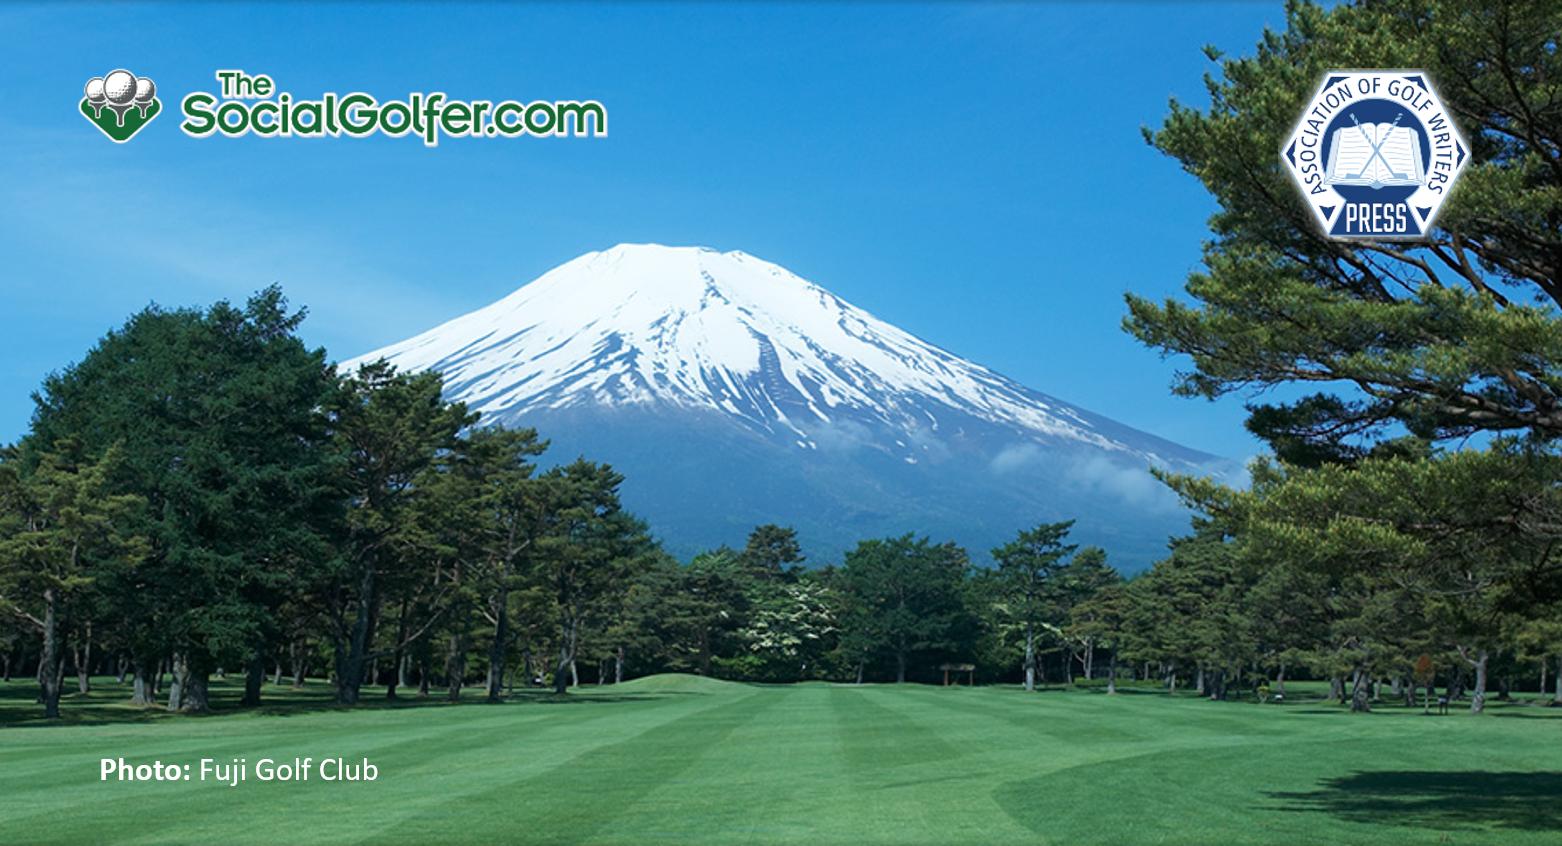 Fuji Golf Club - Golf in Japan - www.hesocialgolfer.com